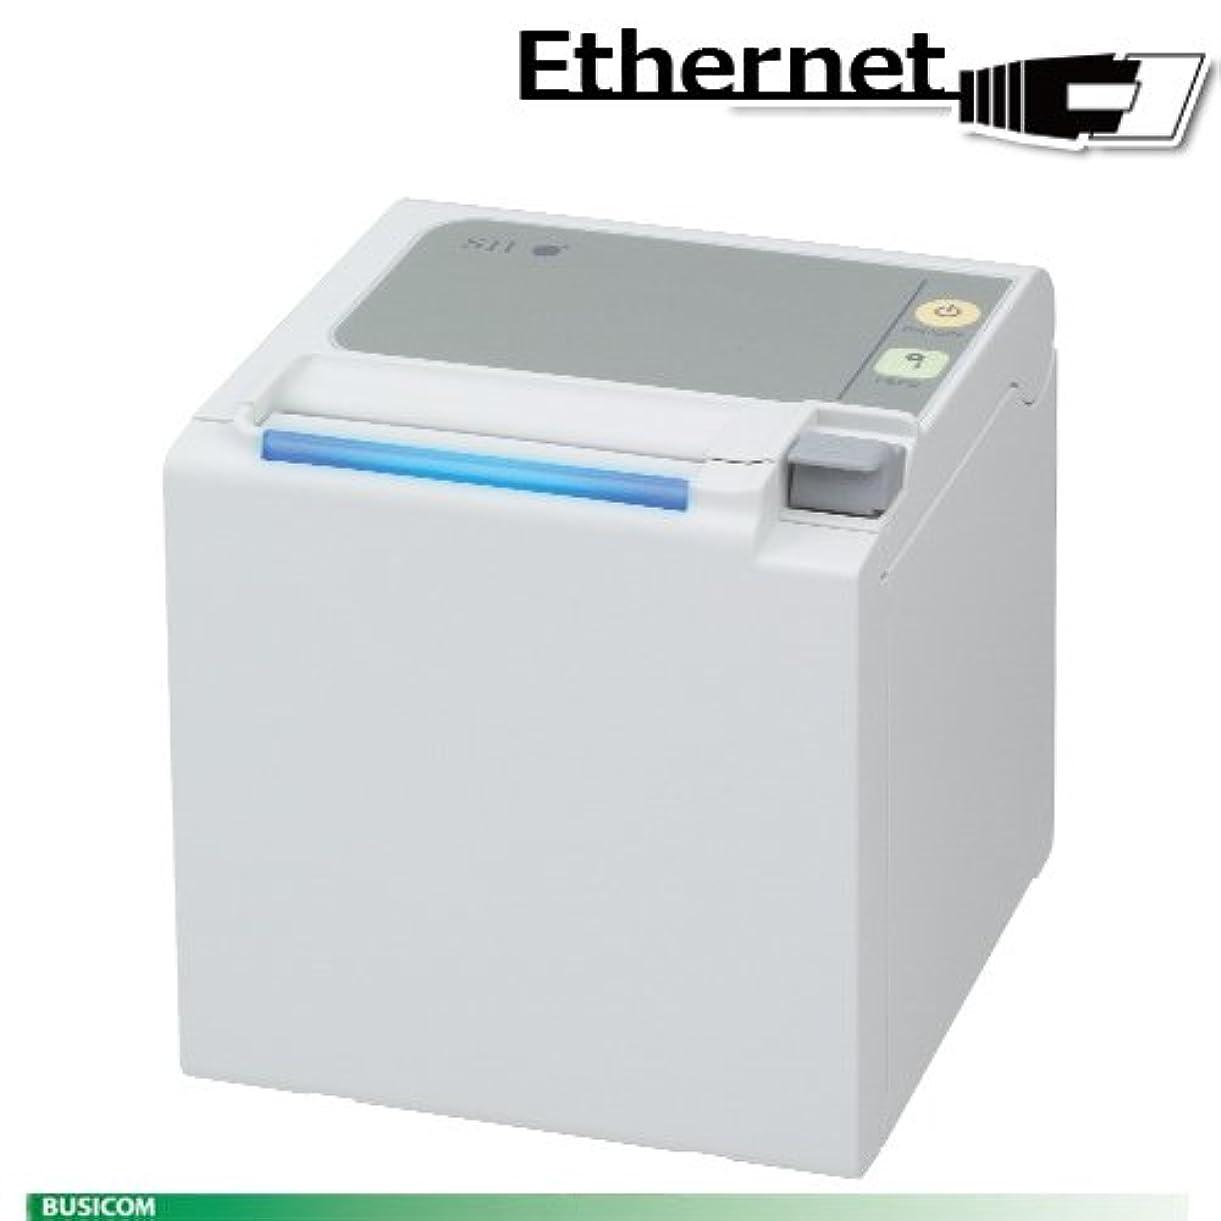 当社おもしろい中央値【SII/セイコーインスツル】RP-E10(上面排紙モデル)サーマルレシートプリンター《有線LAN接続》 本体単品 ホワイト RP-E10-W3FJ1-E